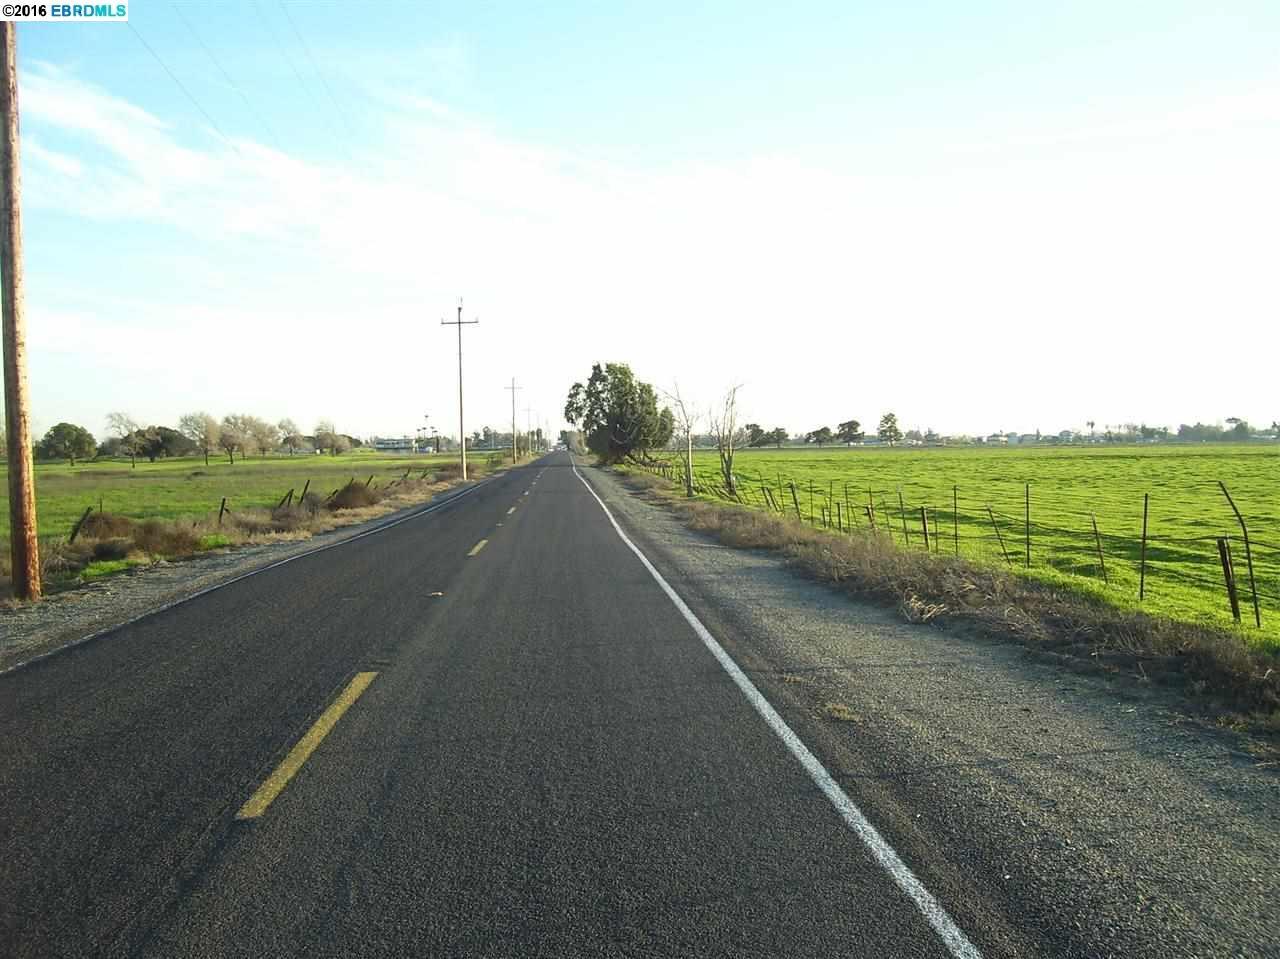 6901 BETHEL ISLAND RD, BETHEL ISLAND, CA 94511